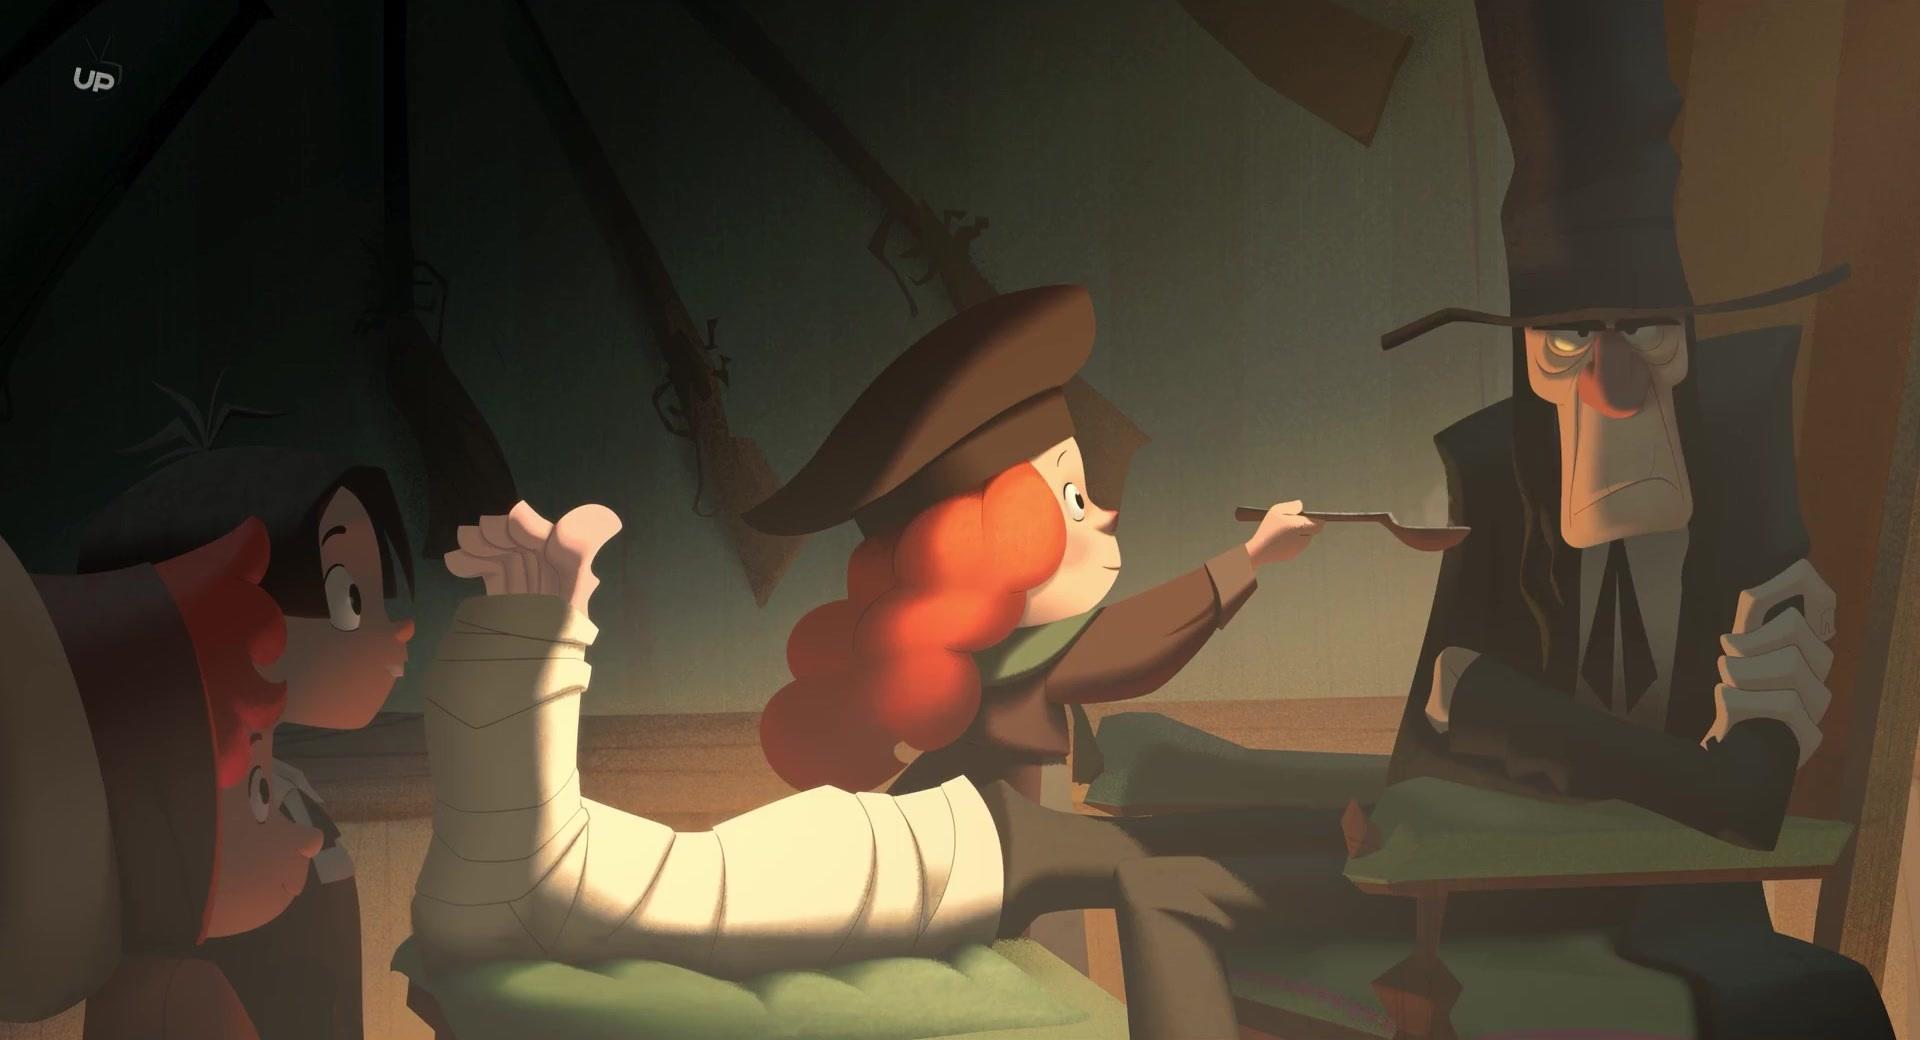 کلاوس برنده هفت جایزه شد/ من بدنم را از دست دادم بهترین انیمیشن مستقل